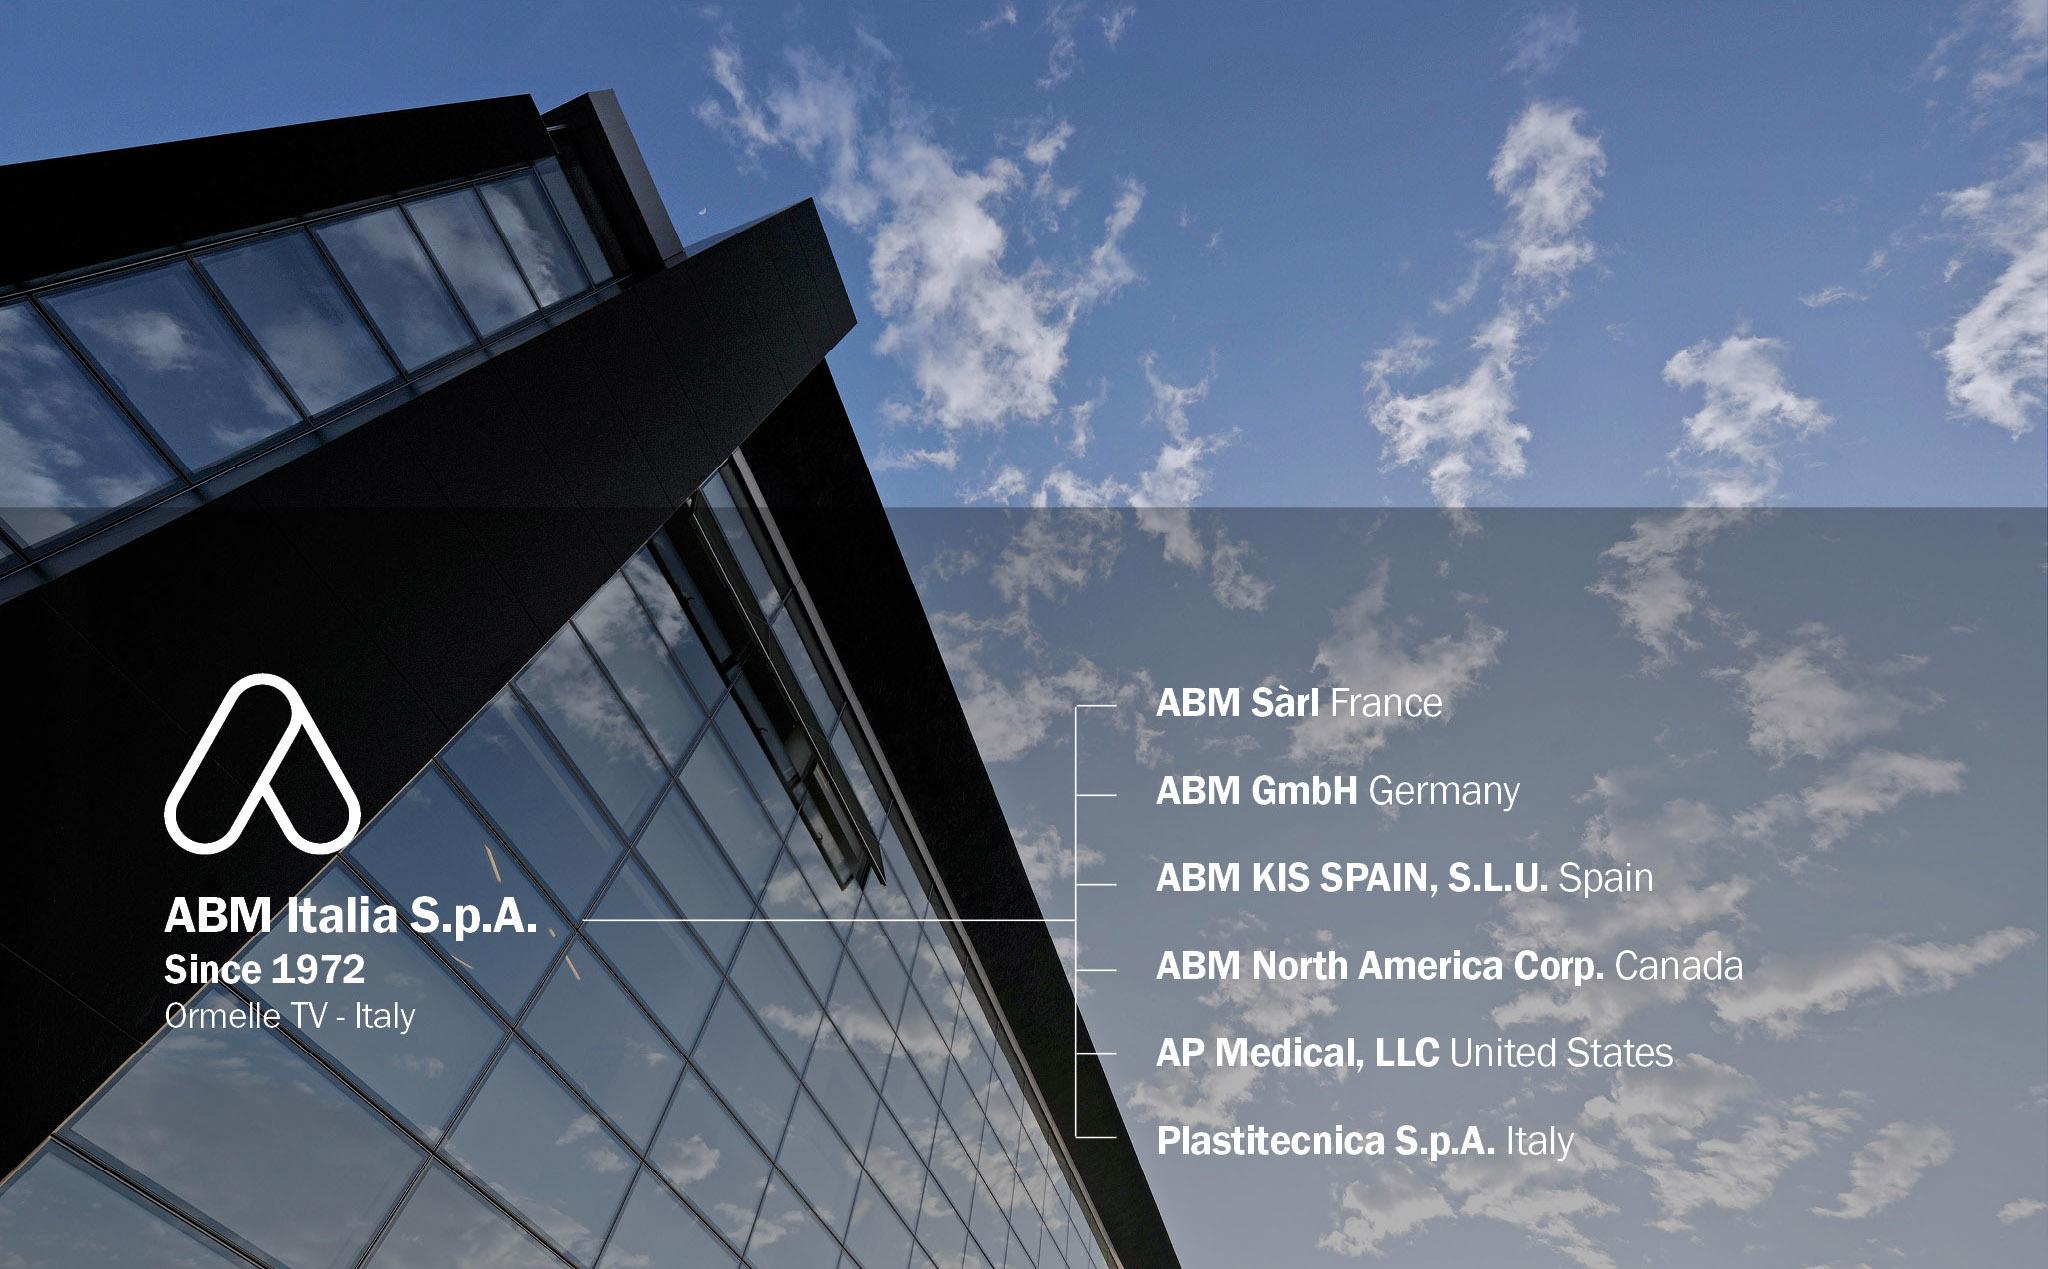 Organigramma ABM Italia